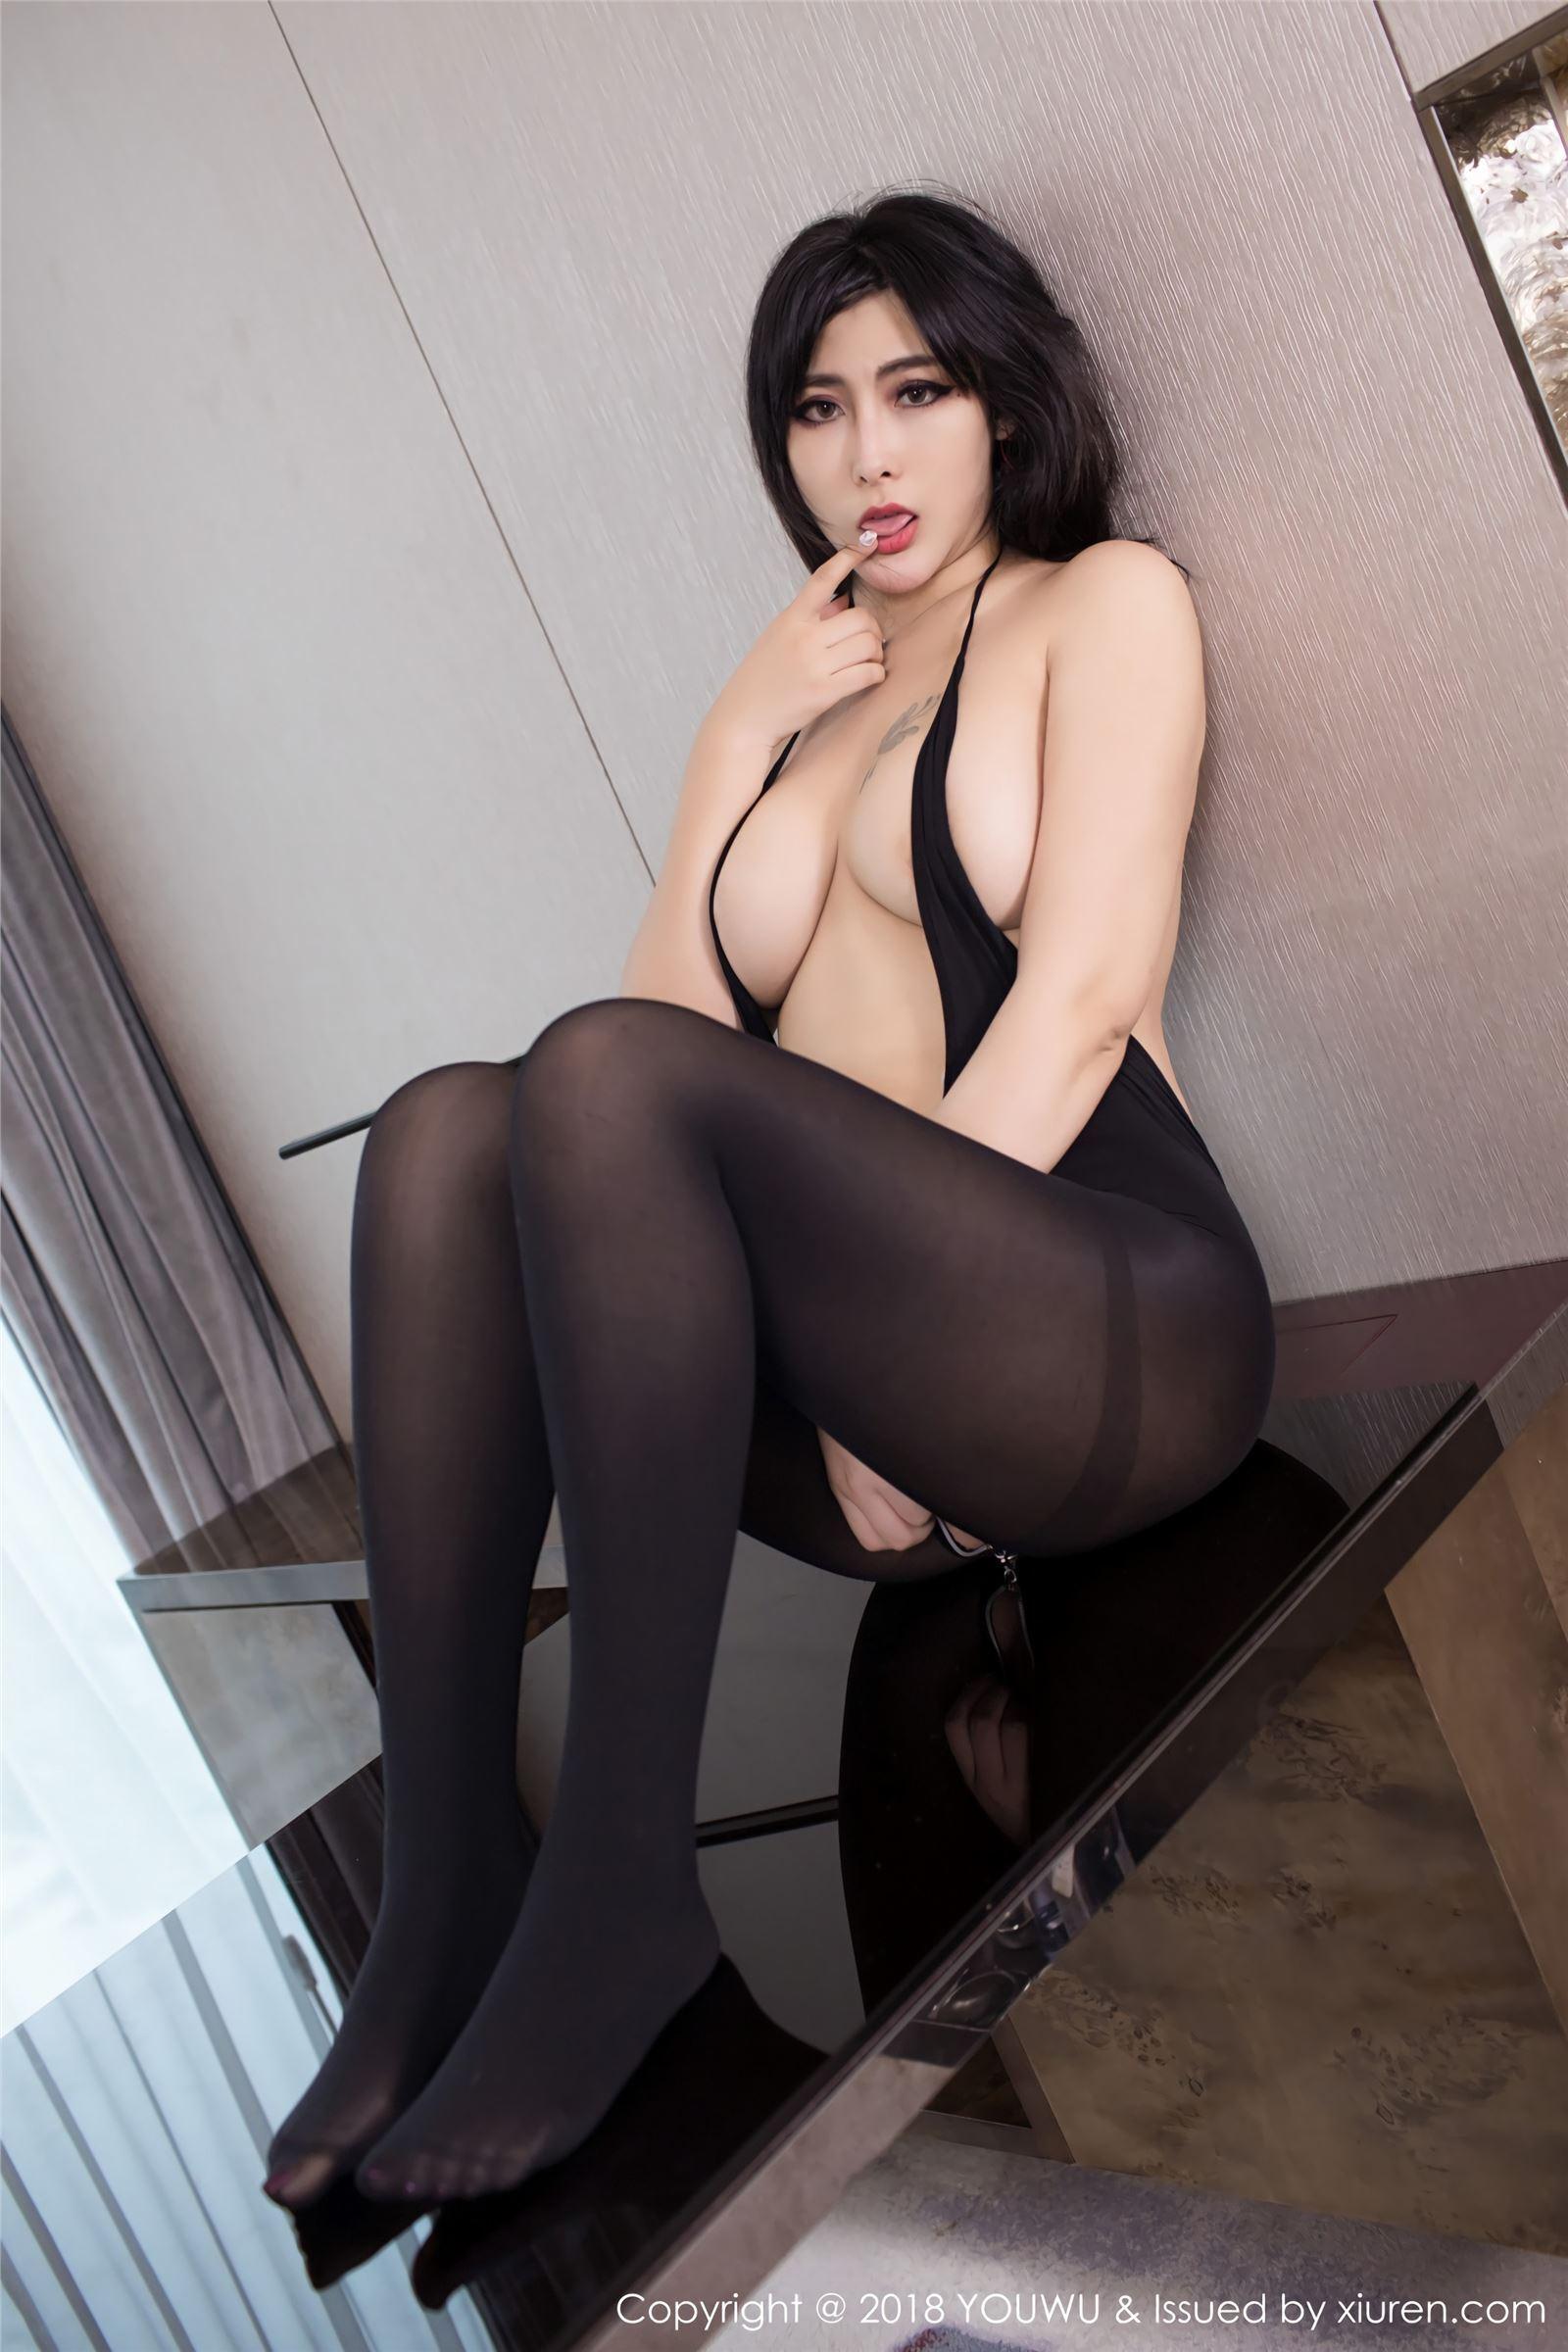 YouWu 尤物馆 2018.08.27 VOL.113 孟狐狸FoxYini